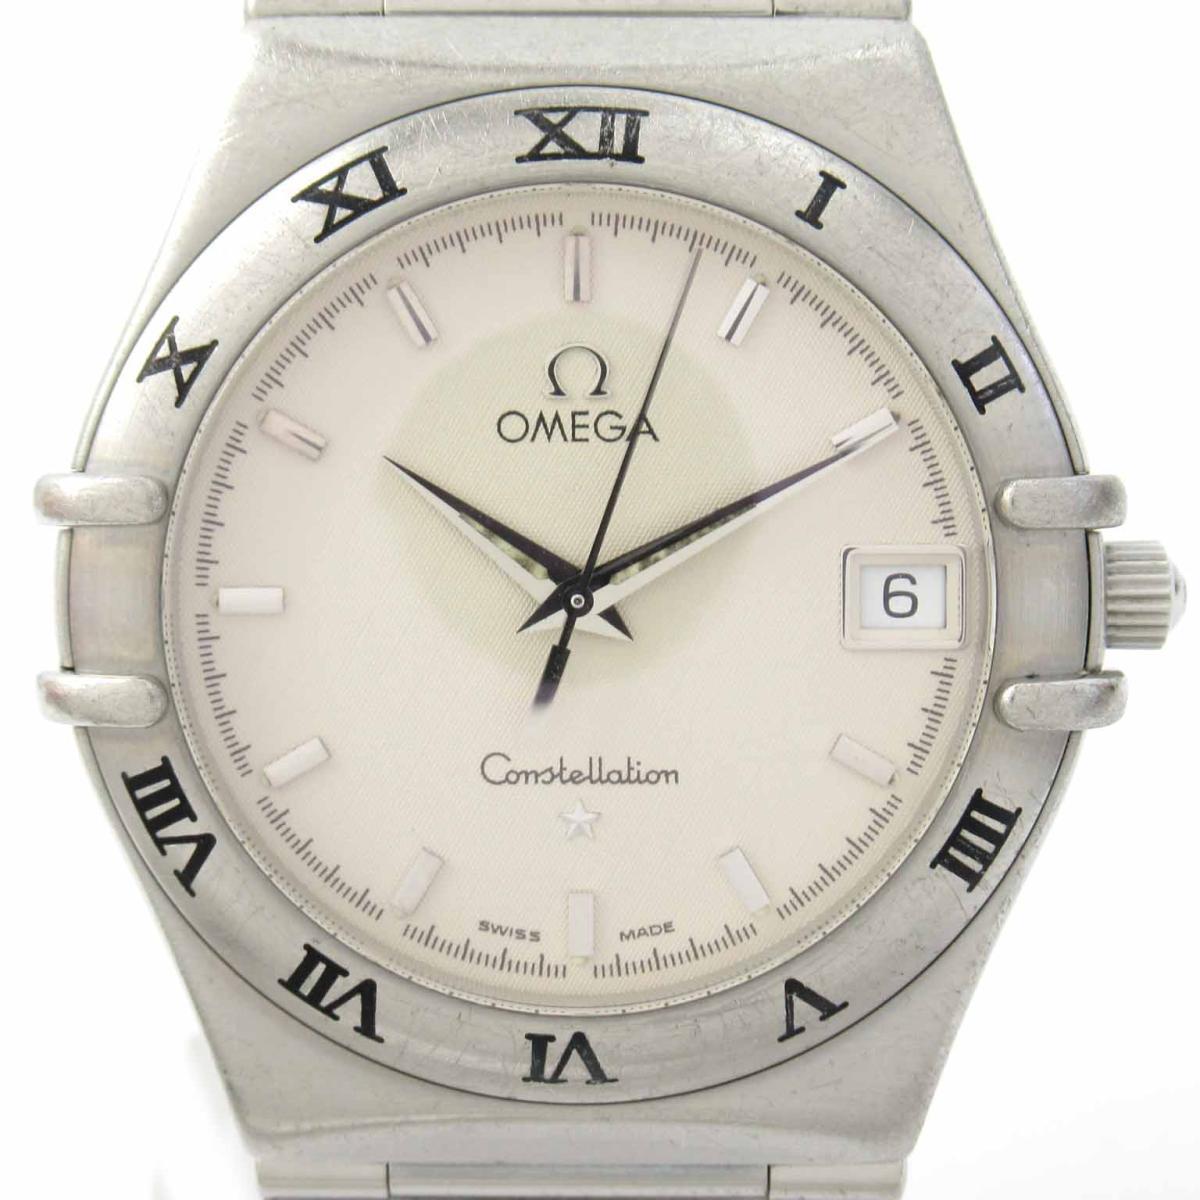 ≪期間限定≫メルマガ登録でクーポンGET! 【中古】 オメガ コンステレーション ウォッチ 腕時計 メンズ ステンレススチール (SS) (1512.30) | OMEGA BRANDOFF ブランドオフ ブランド ブランド時計 ブランド腕時計 時計